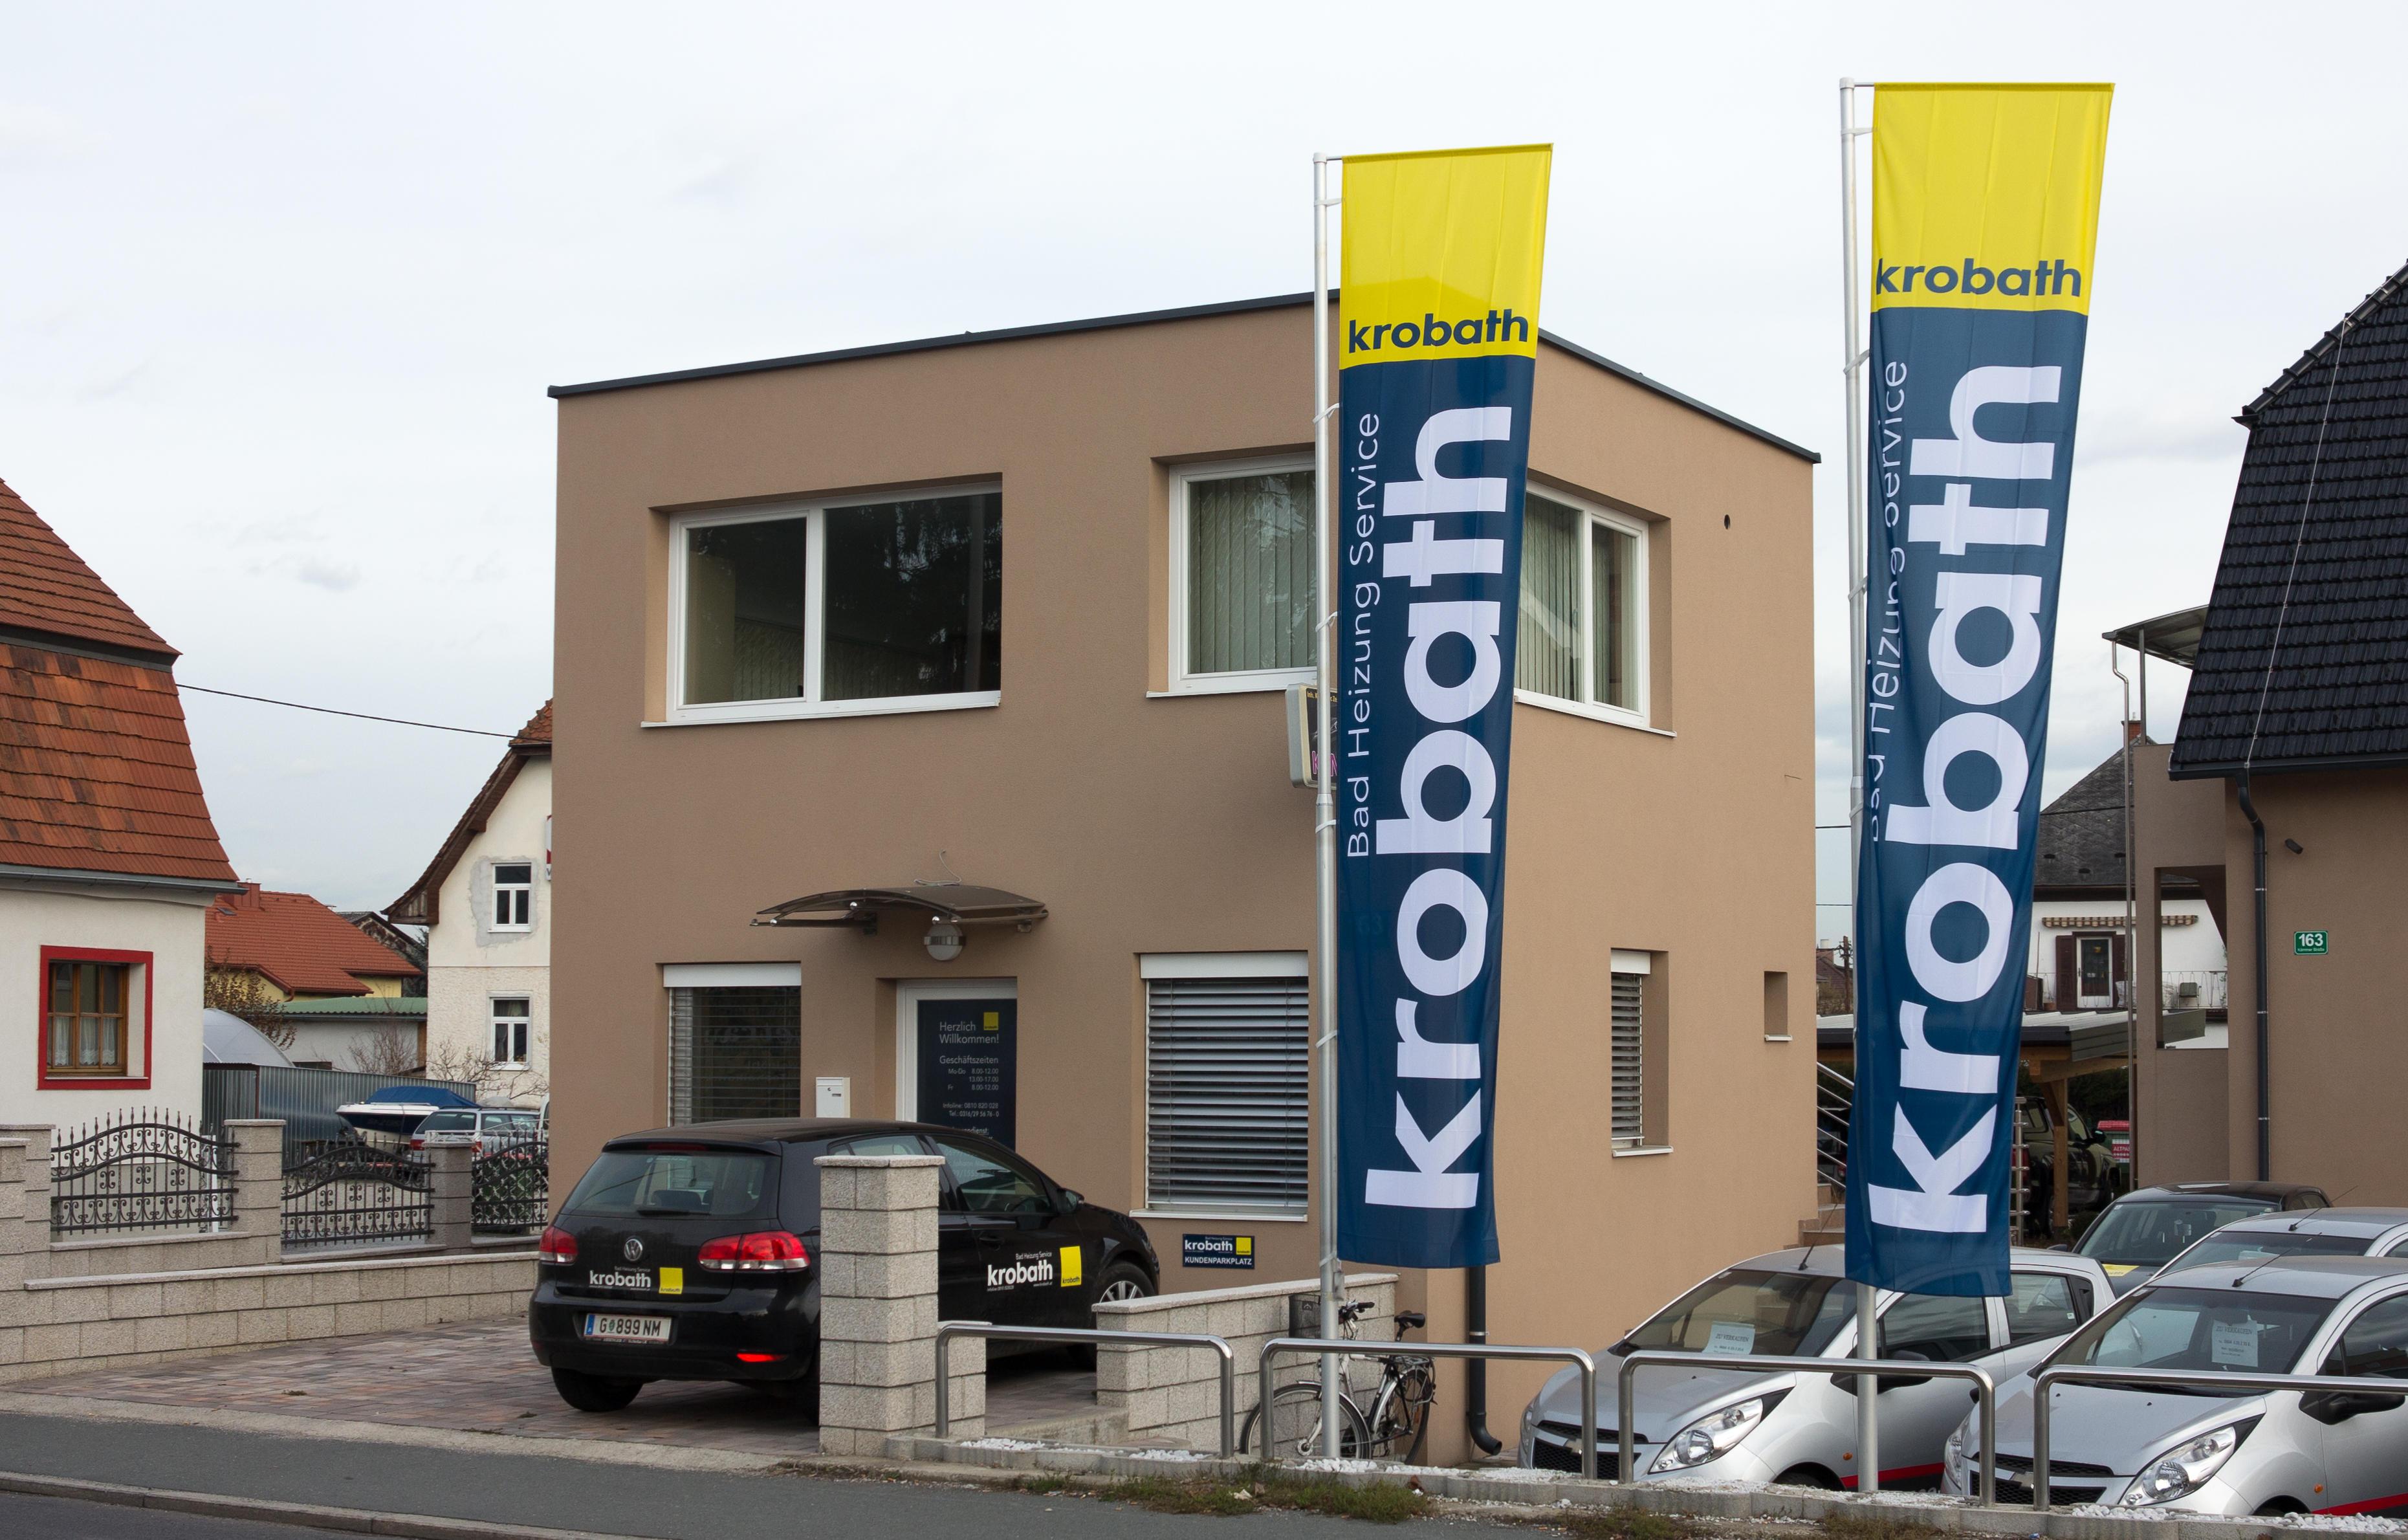 Krobath Bad Heizung Service GmbH